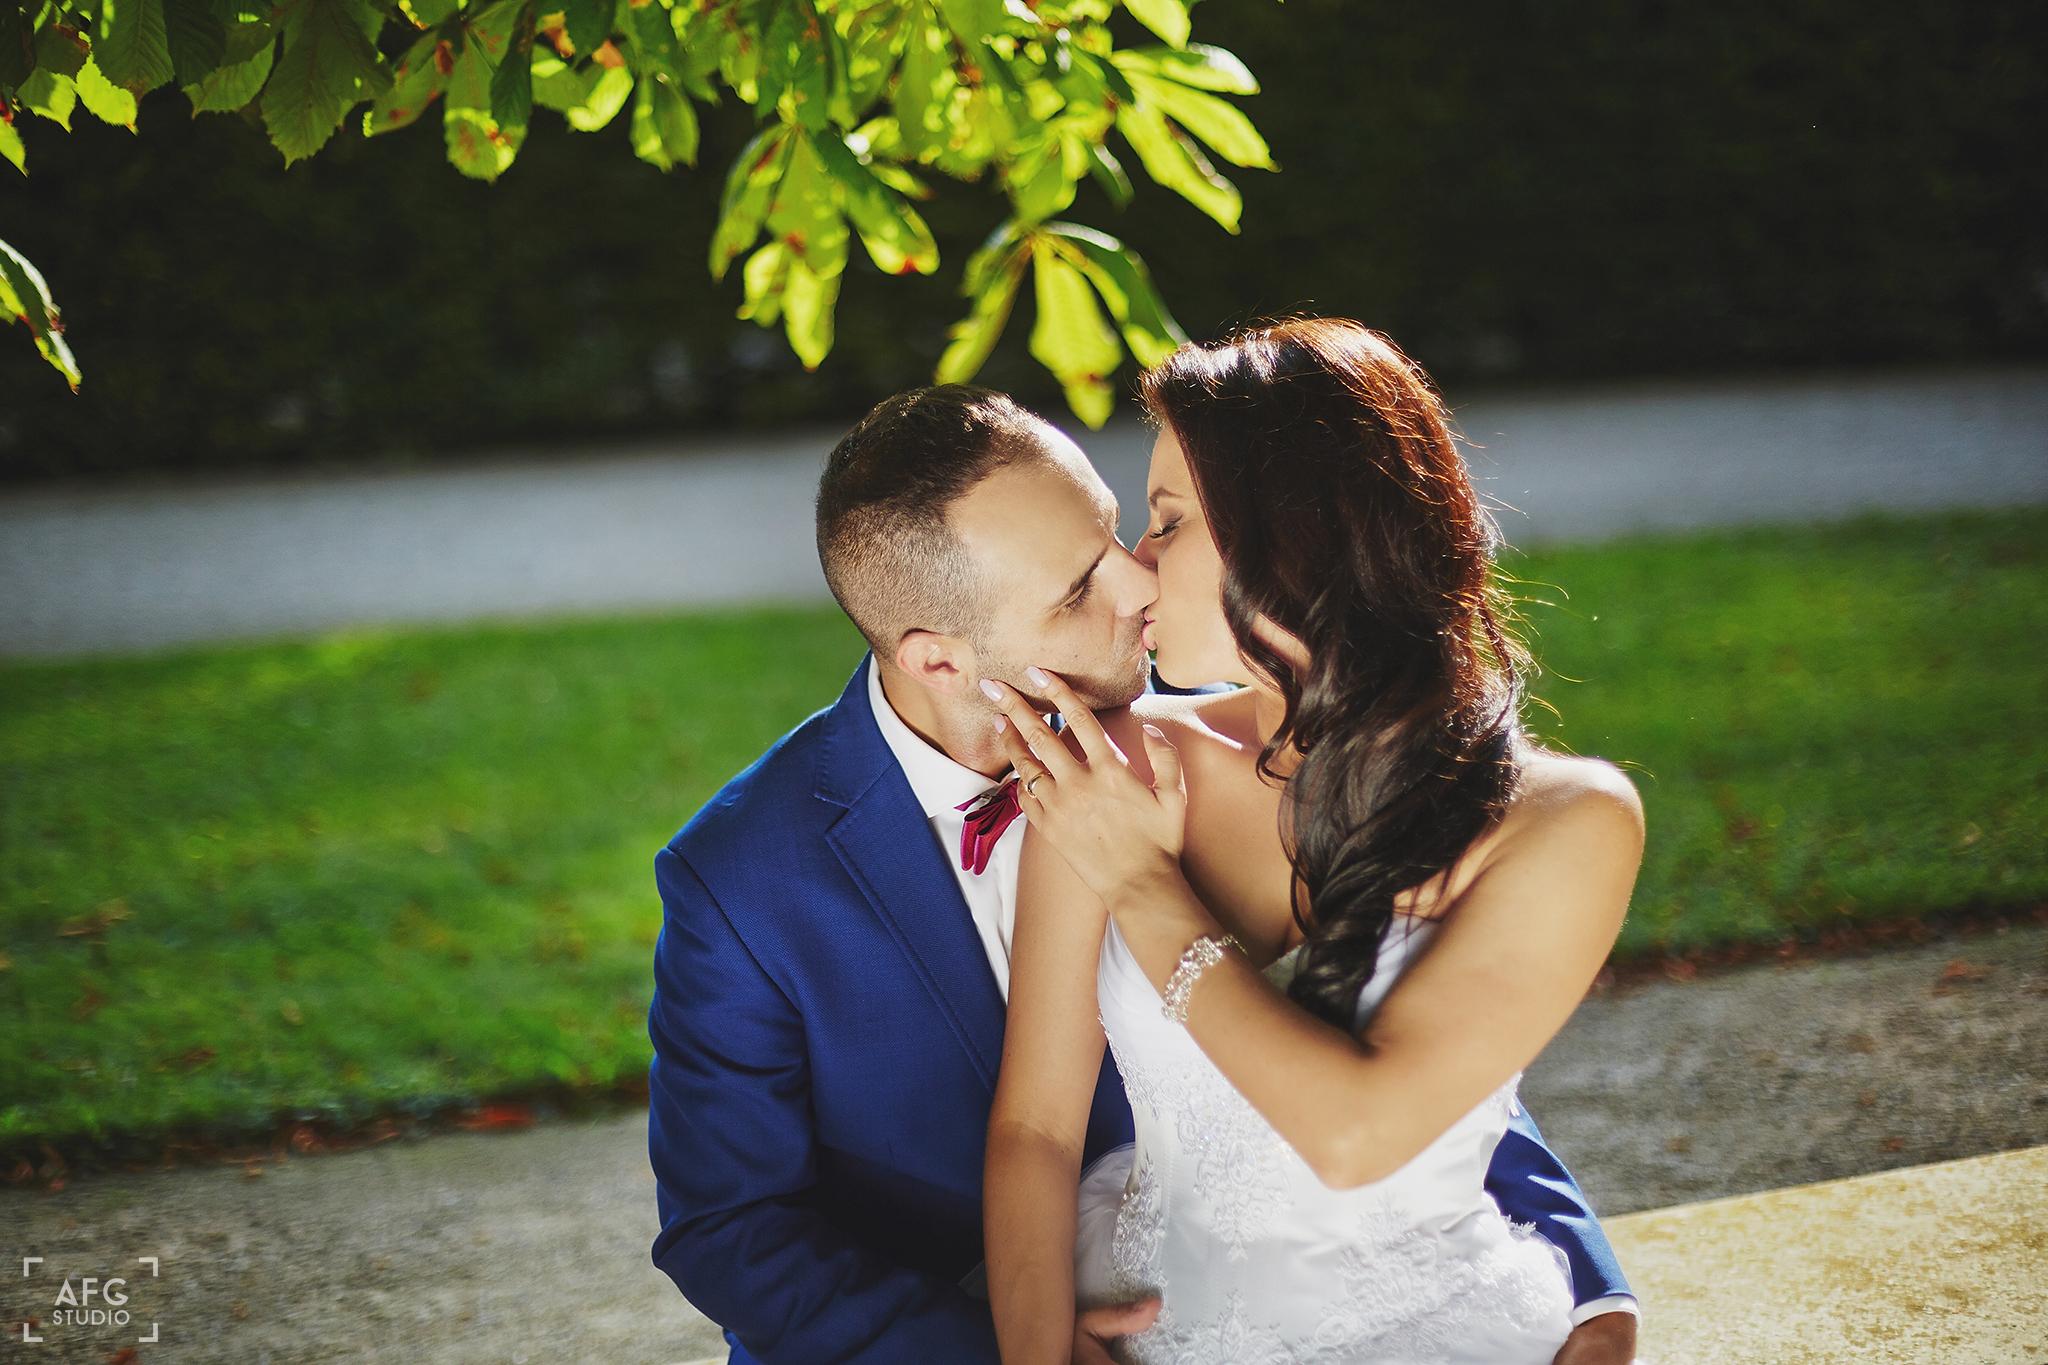 pocałunek, para młoda, suknia ślubna